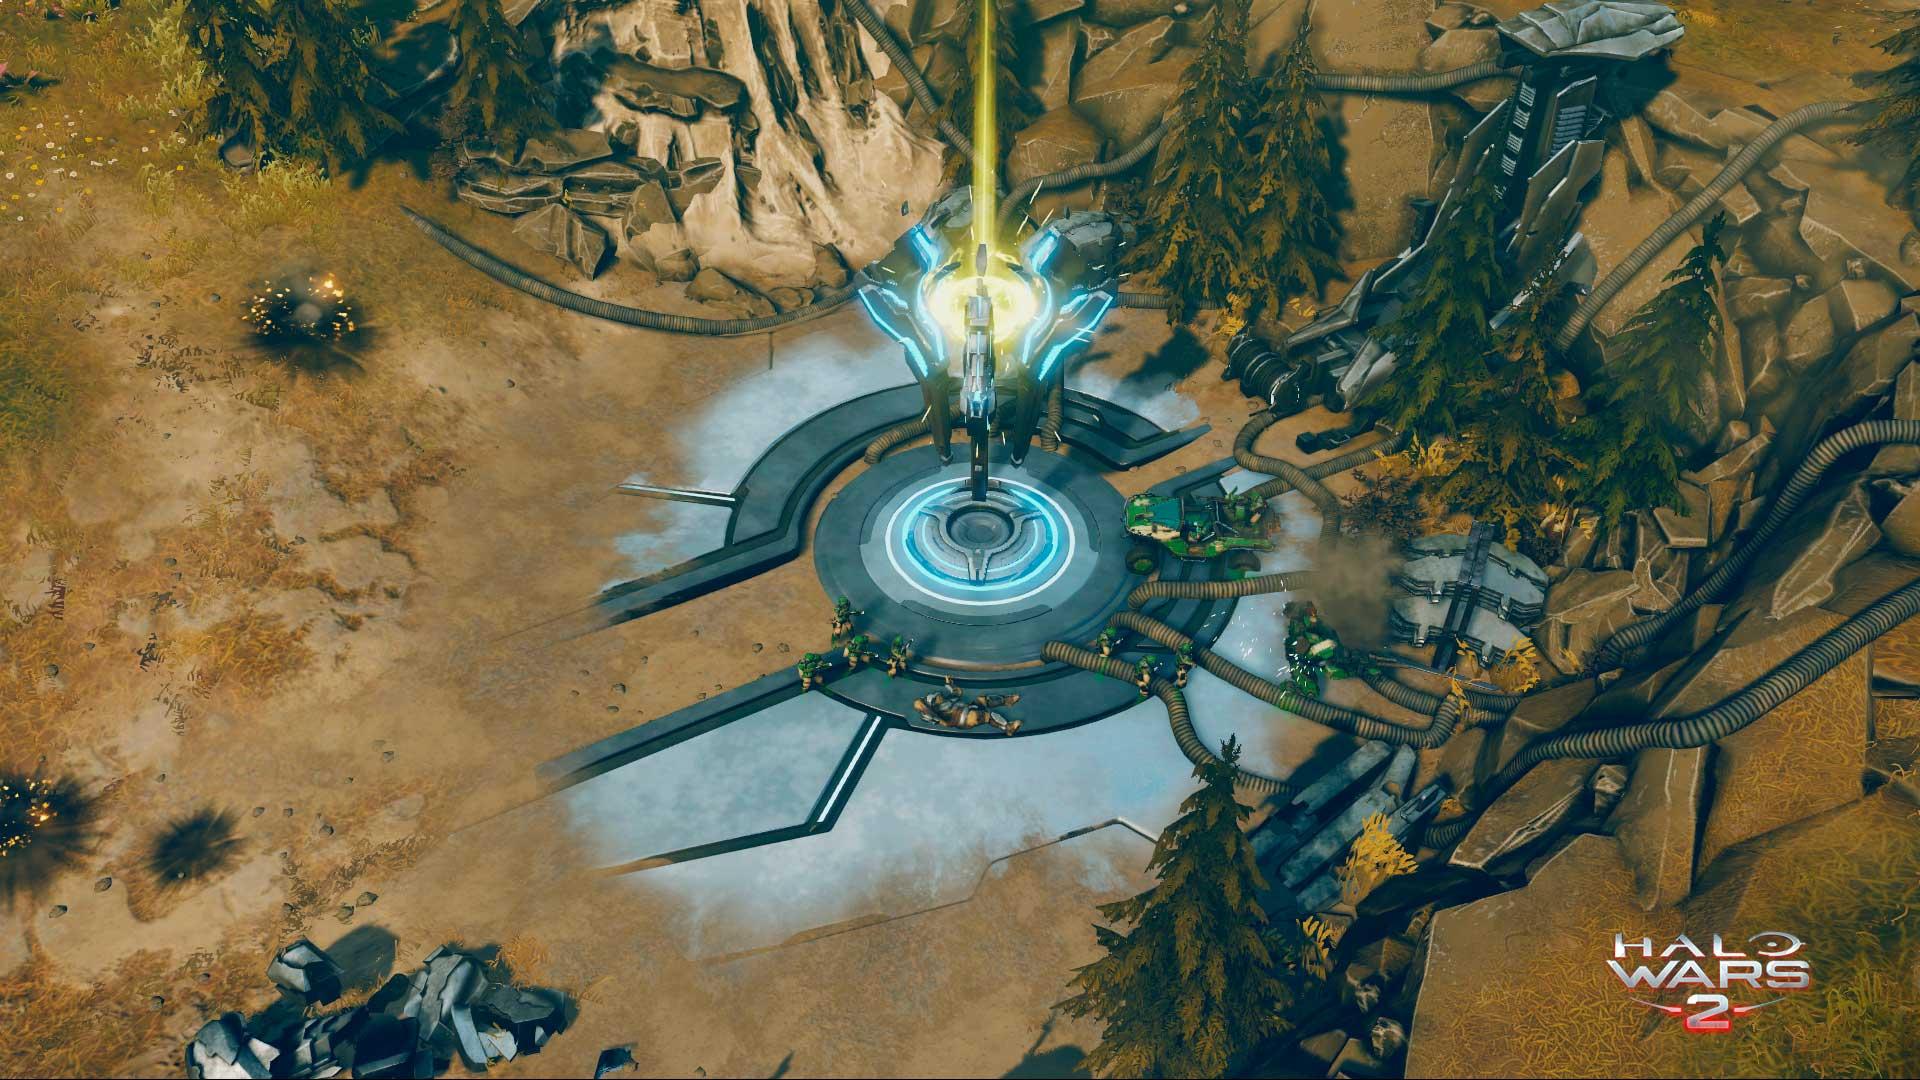 Análisis de Halo Wars 2 en Xbox One y Windows 10 5